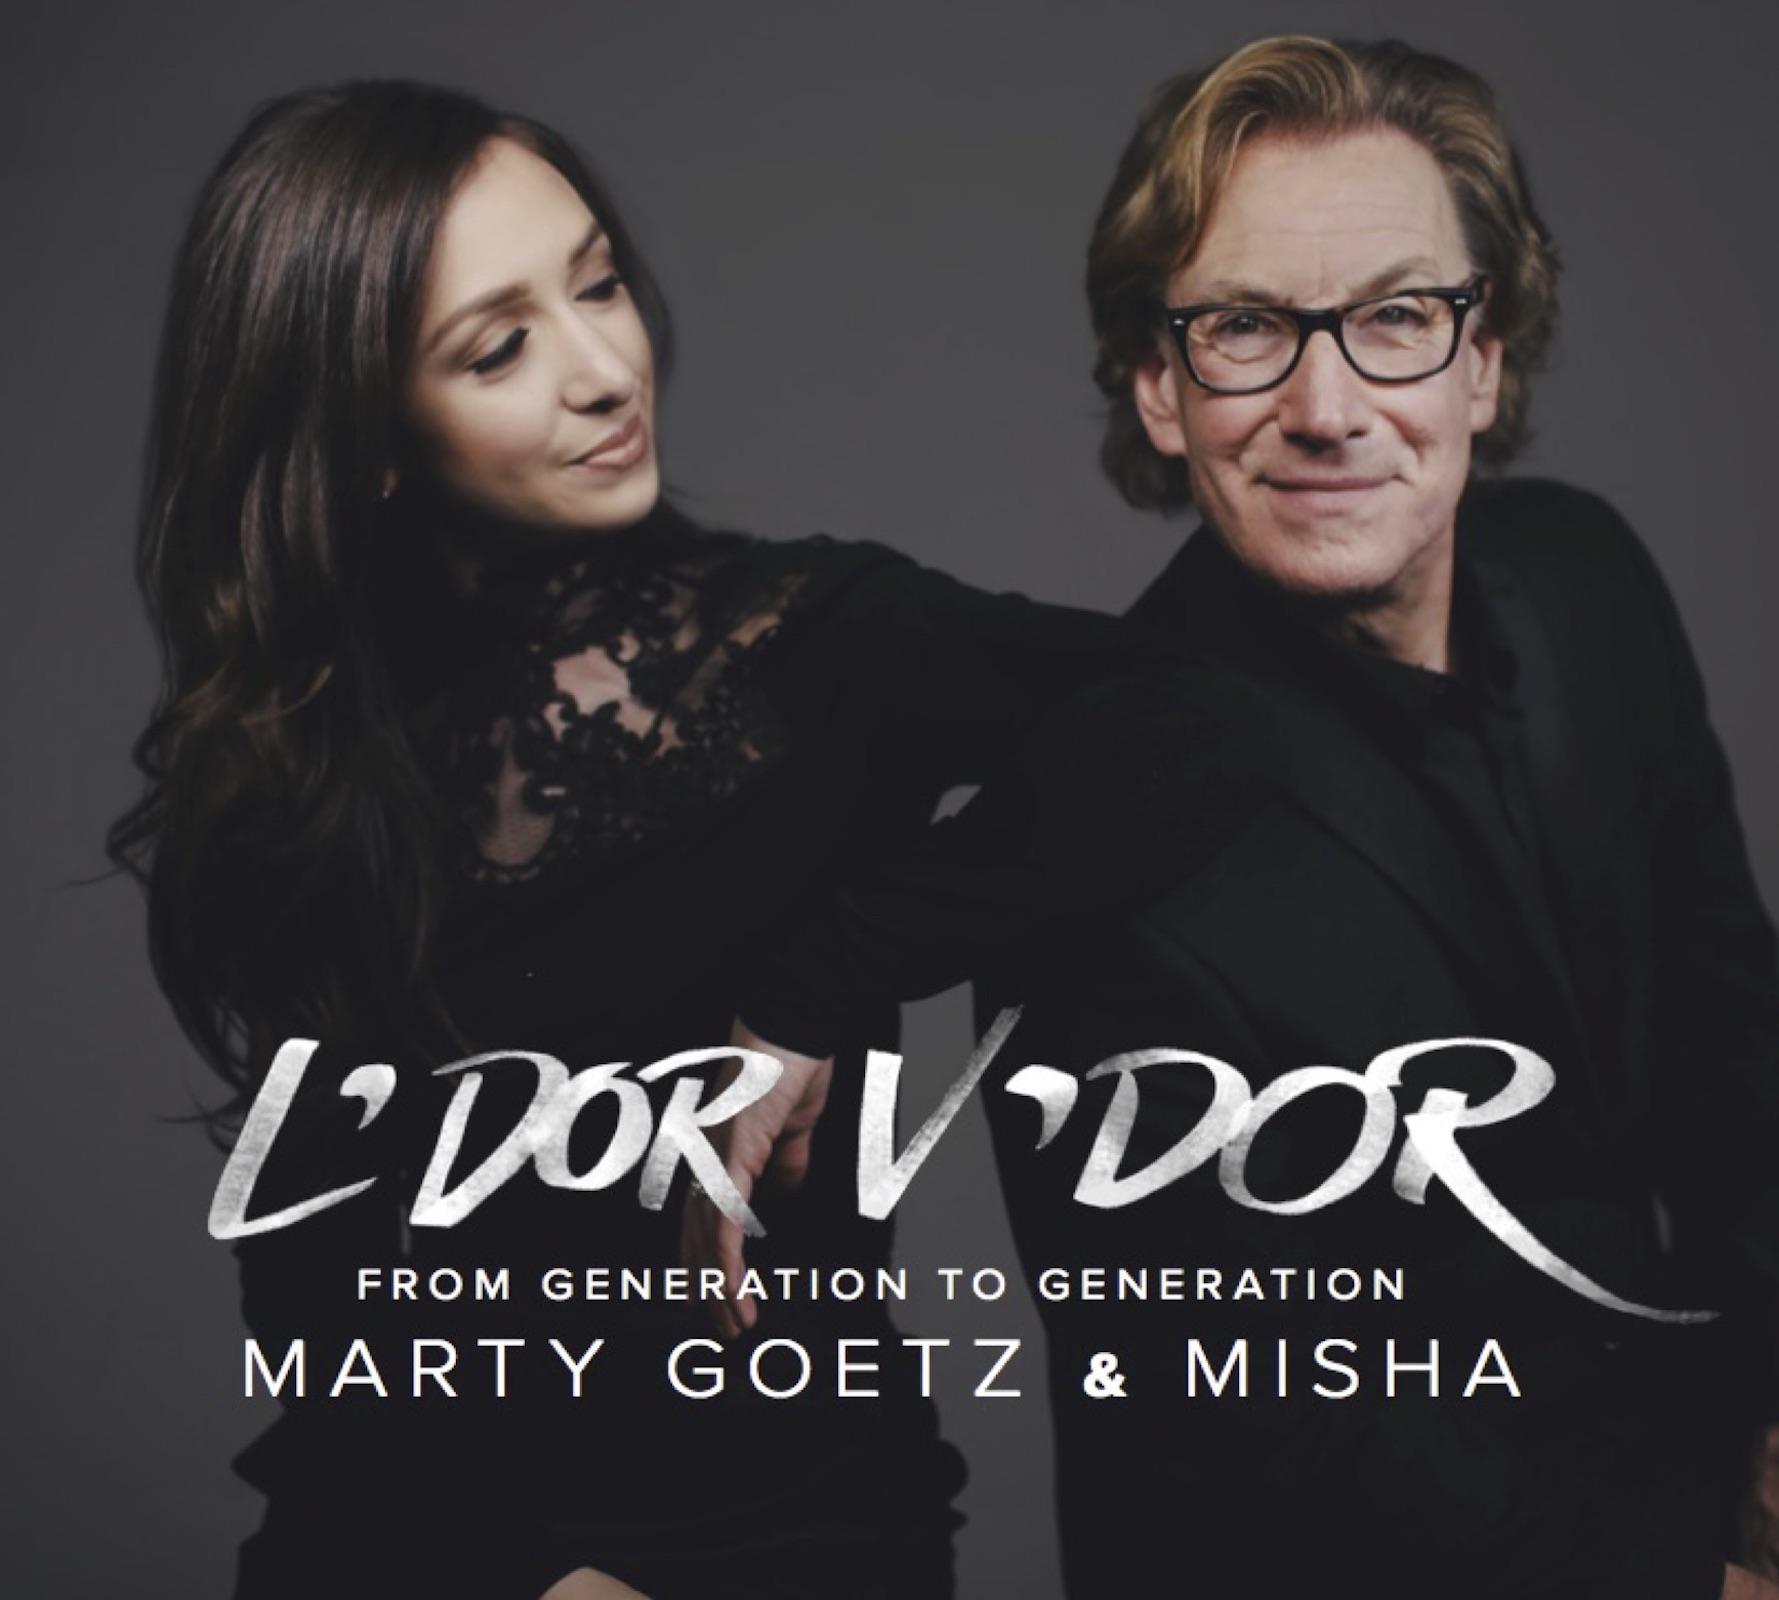 L'Dor V'Dor: From Generation to Generation